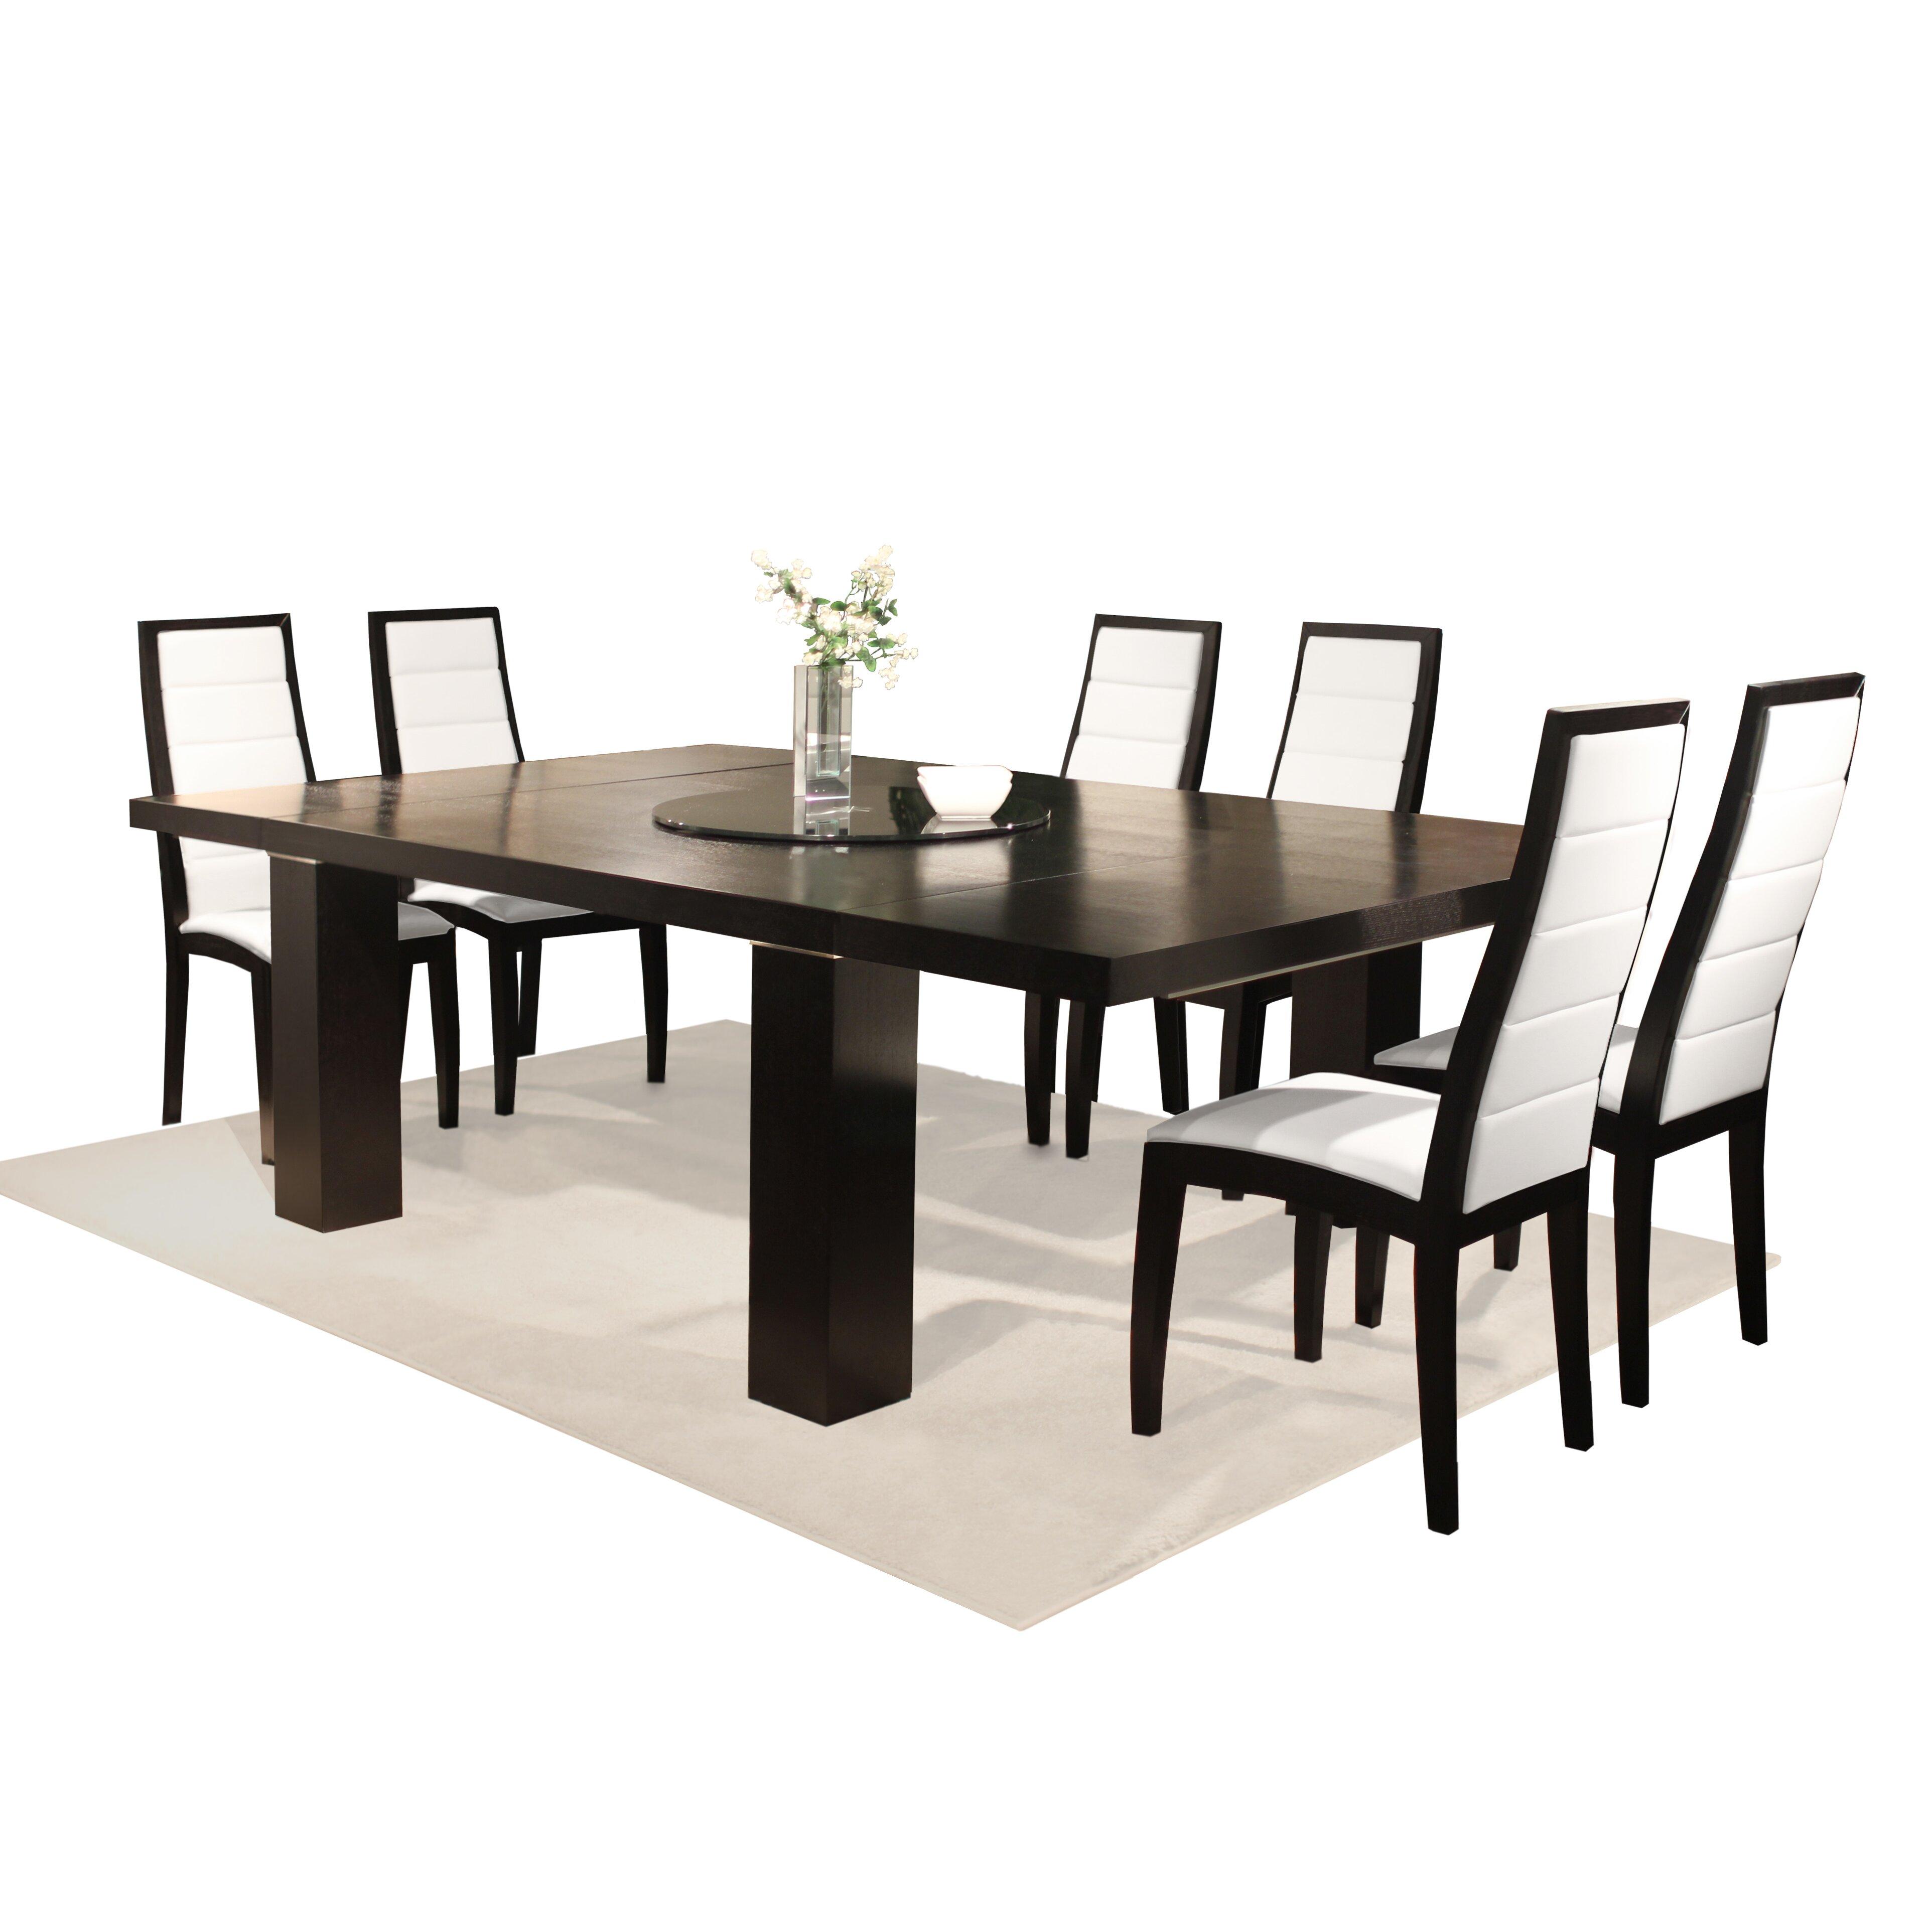 Dining Room Sets Jordans 84 Dining Room Tables Jordans Furniture Factory